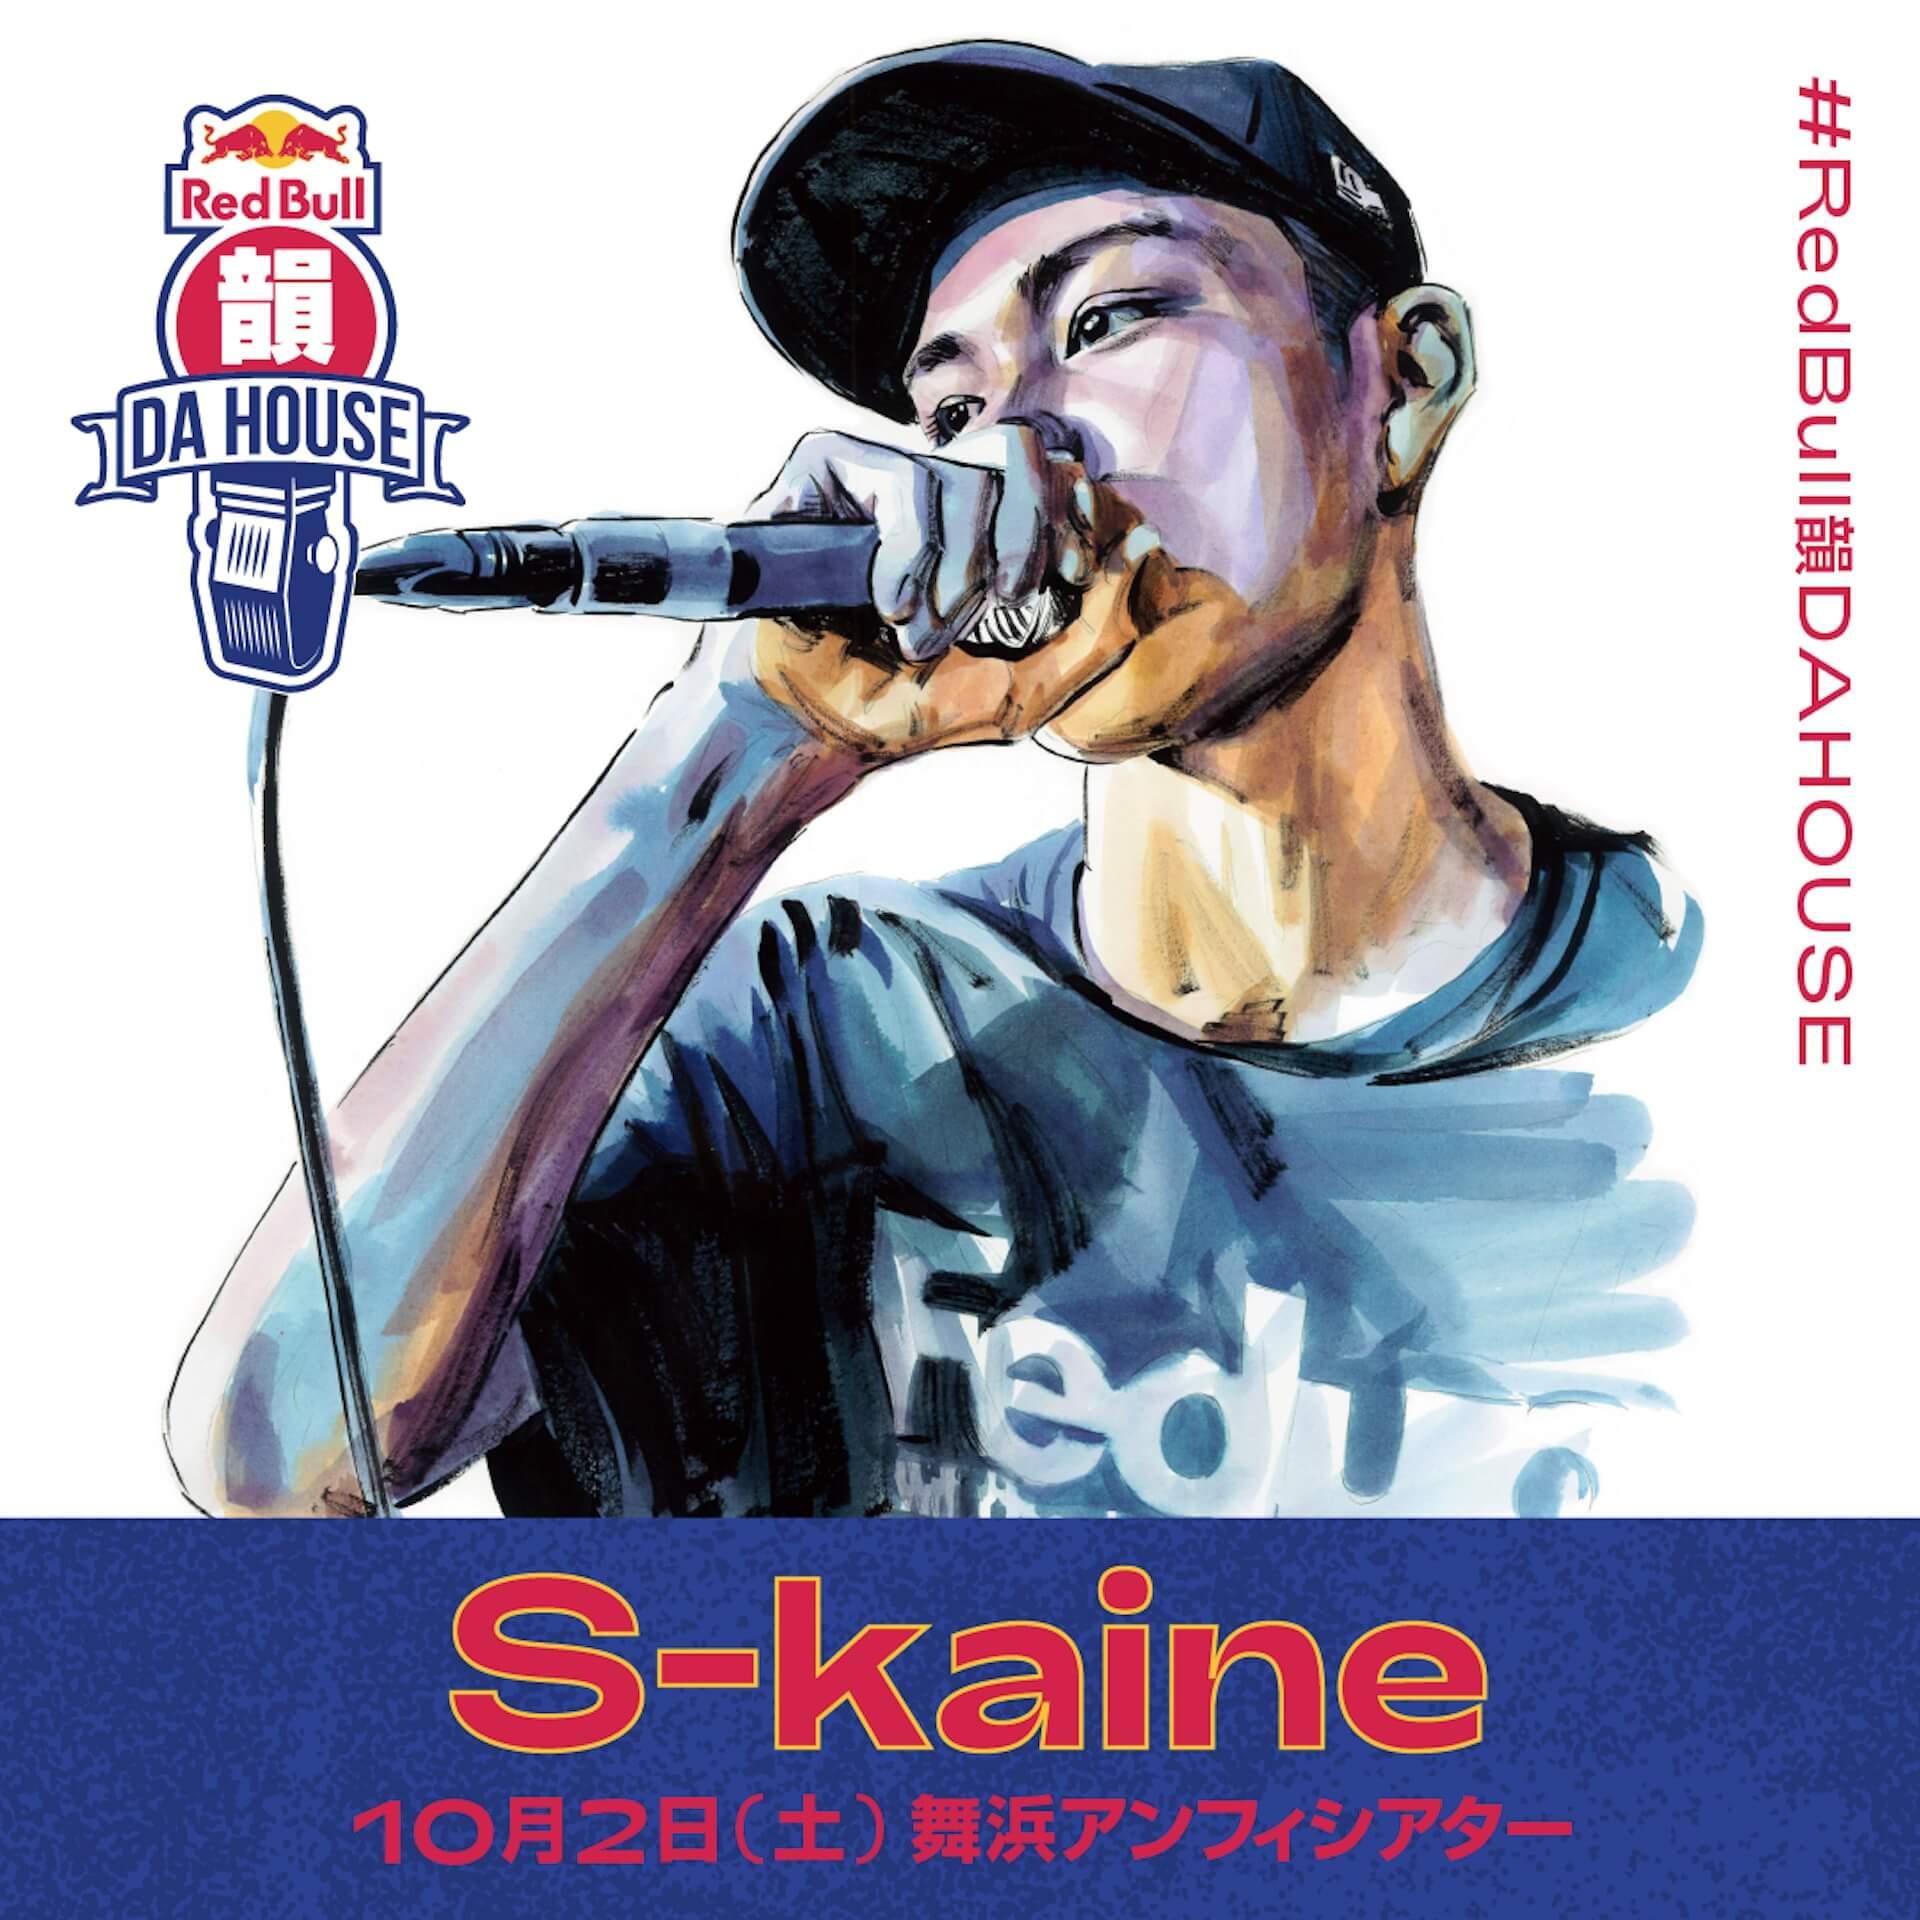 レッドブル主催のフリースタイルラップバトル<Red Bull 韻 DA HOUSE 2021>の決勝が開催!SILENT KILLA JOINT、MU-TON、S-kaineらがラインナップ music210817_redbullindahouse14